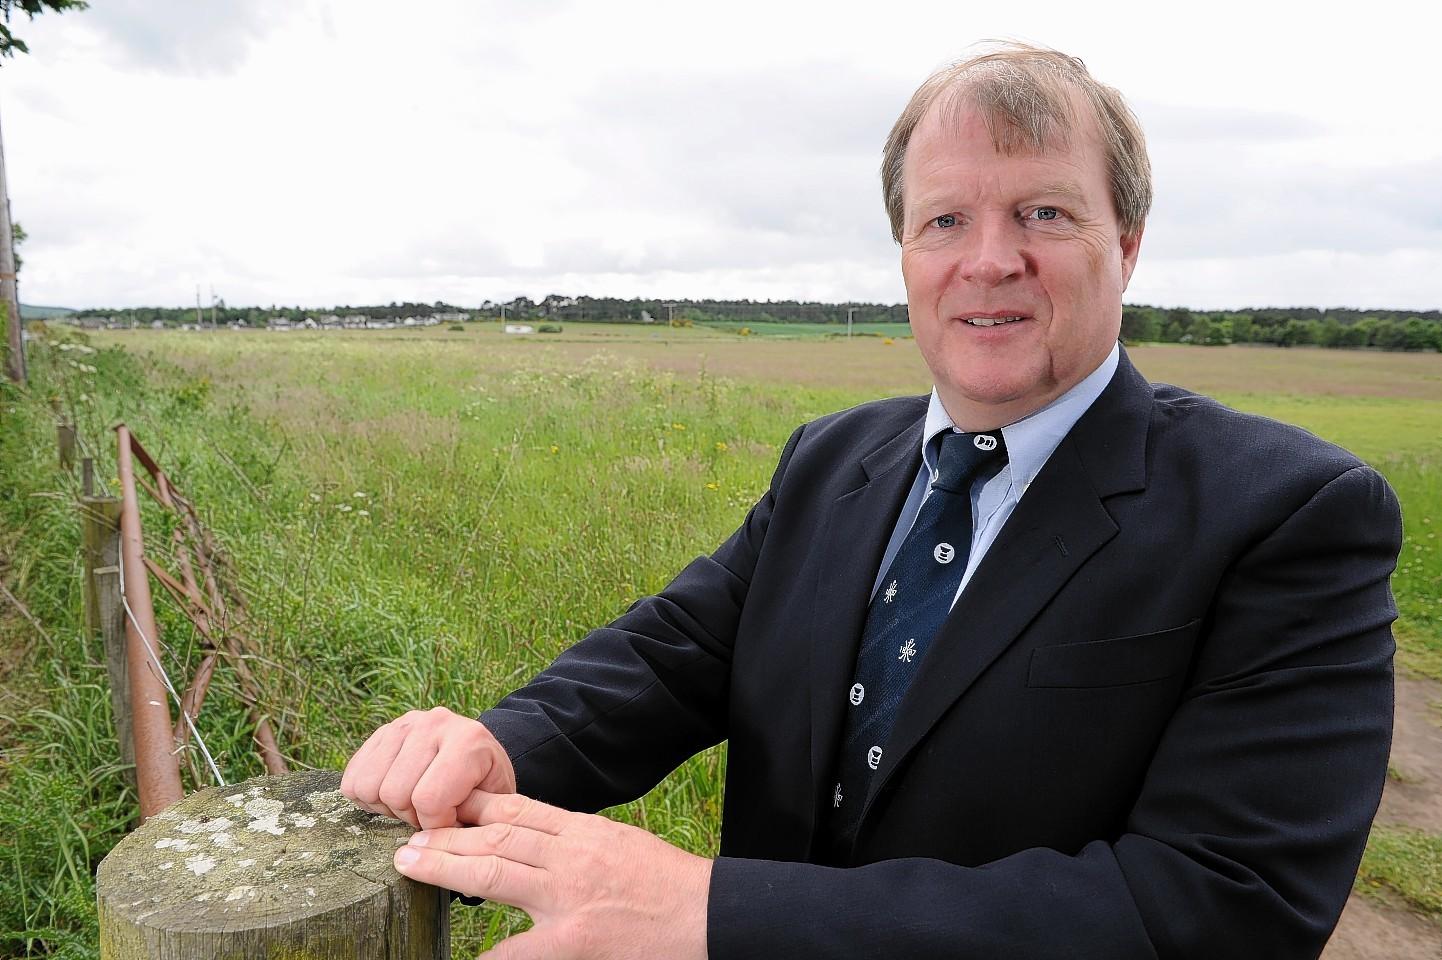 Councillor Michael Green